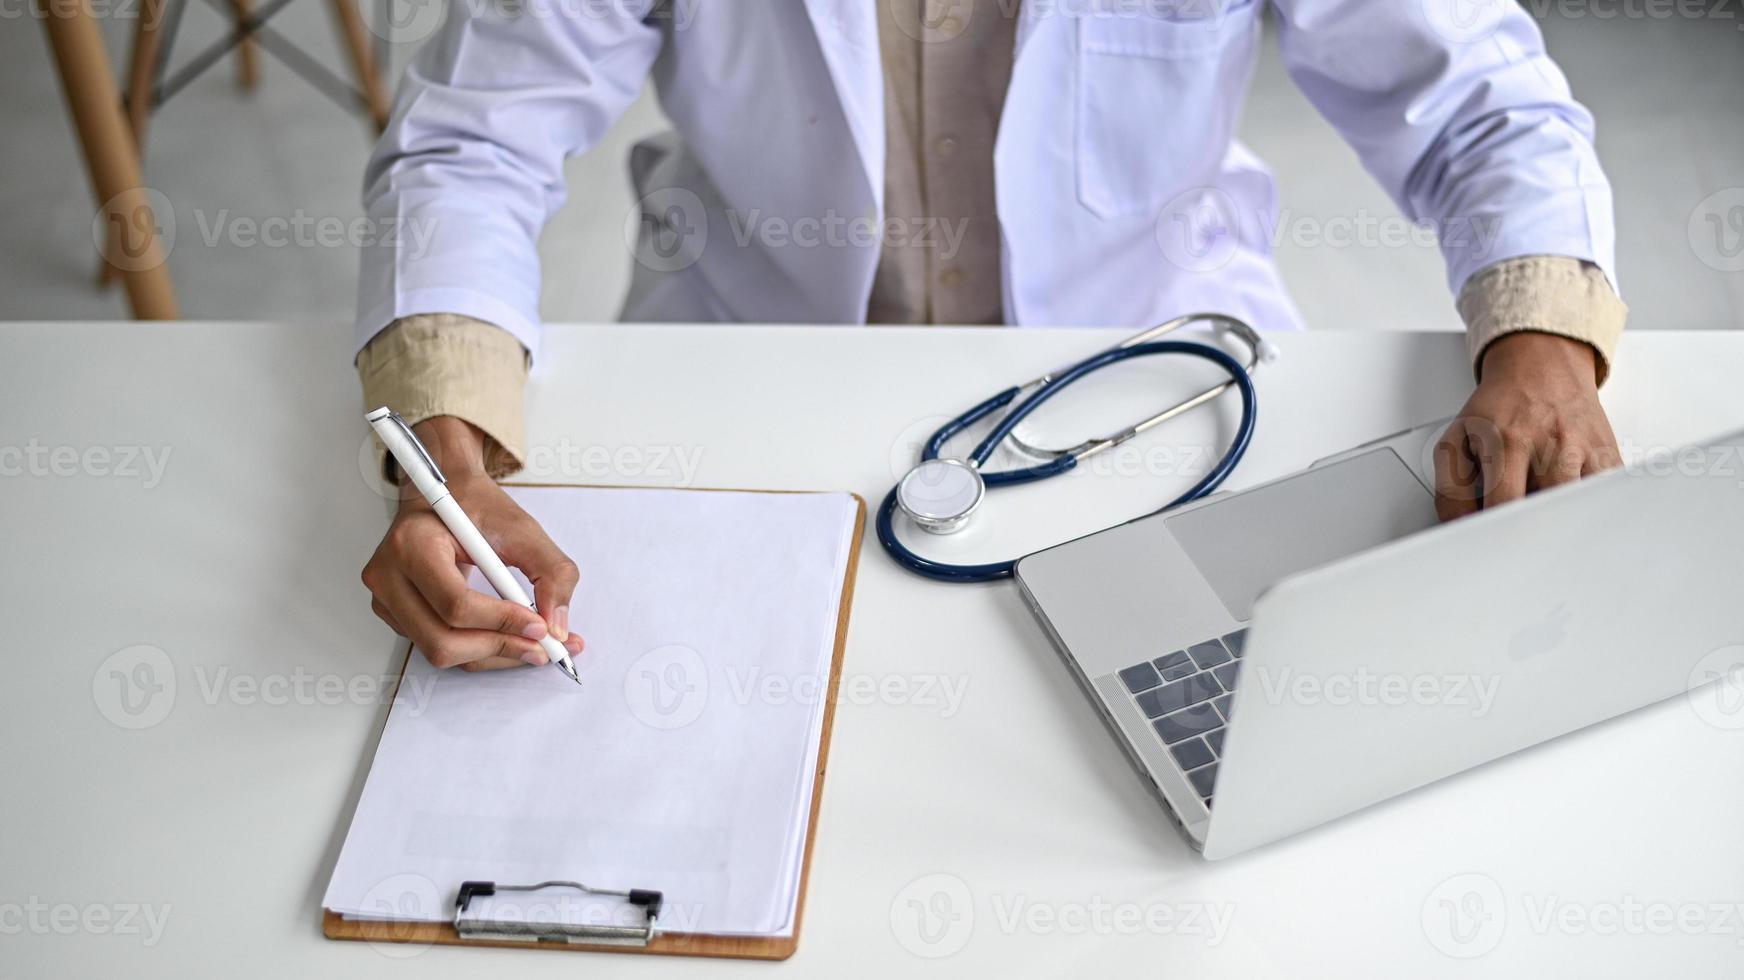 en läkare i en labbrock håller en penna på en tom fil. foto